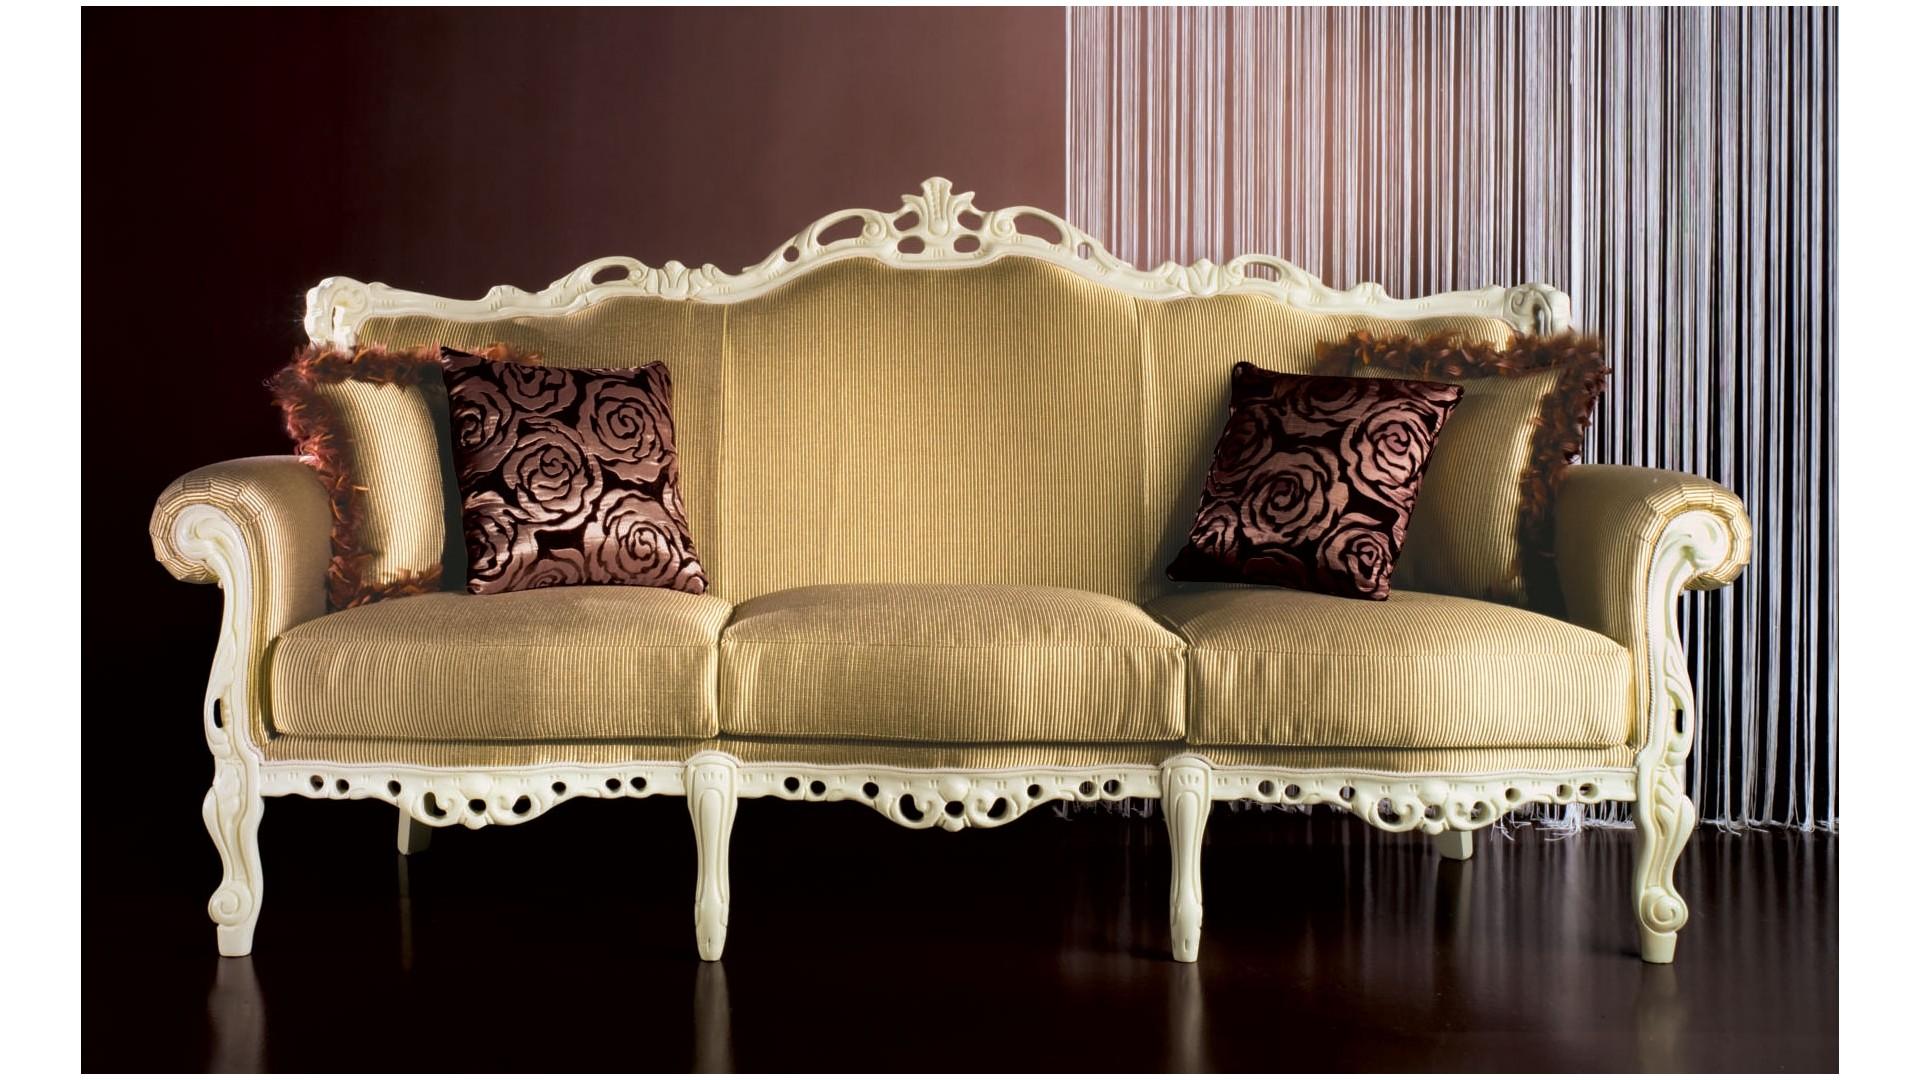 Divan marcel laqu ivoire antique tissu beige for Divan fauteuil